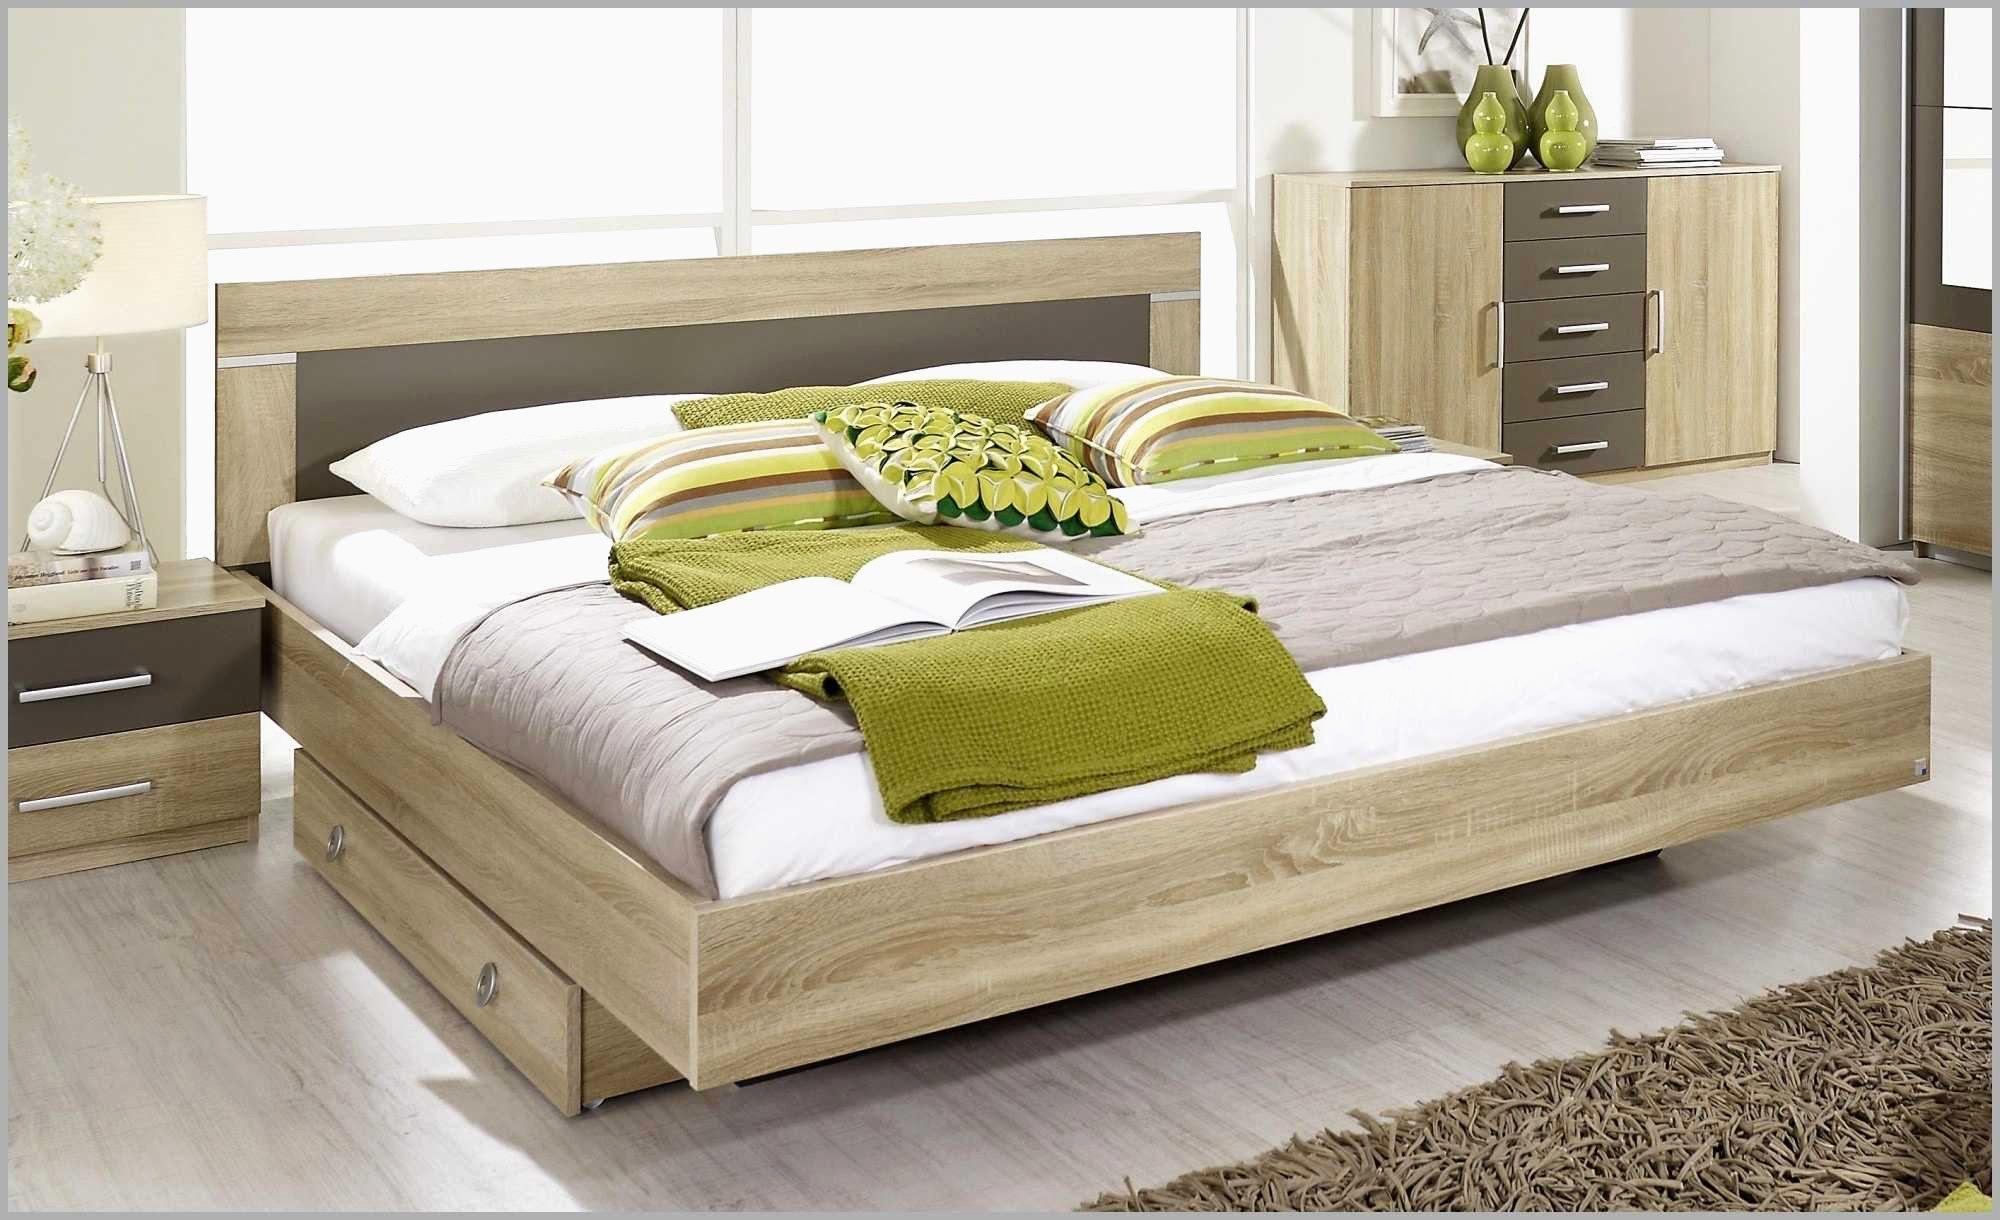 Lit Pas Cher Ikea Luxe Tete De Lit Bois 180 14 Incroyable Tete De Lit Bois Ikea Inspiration